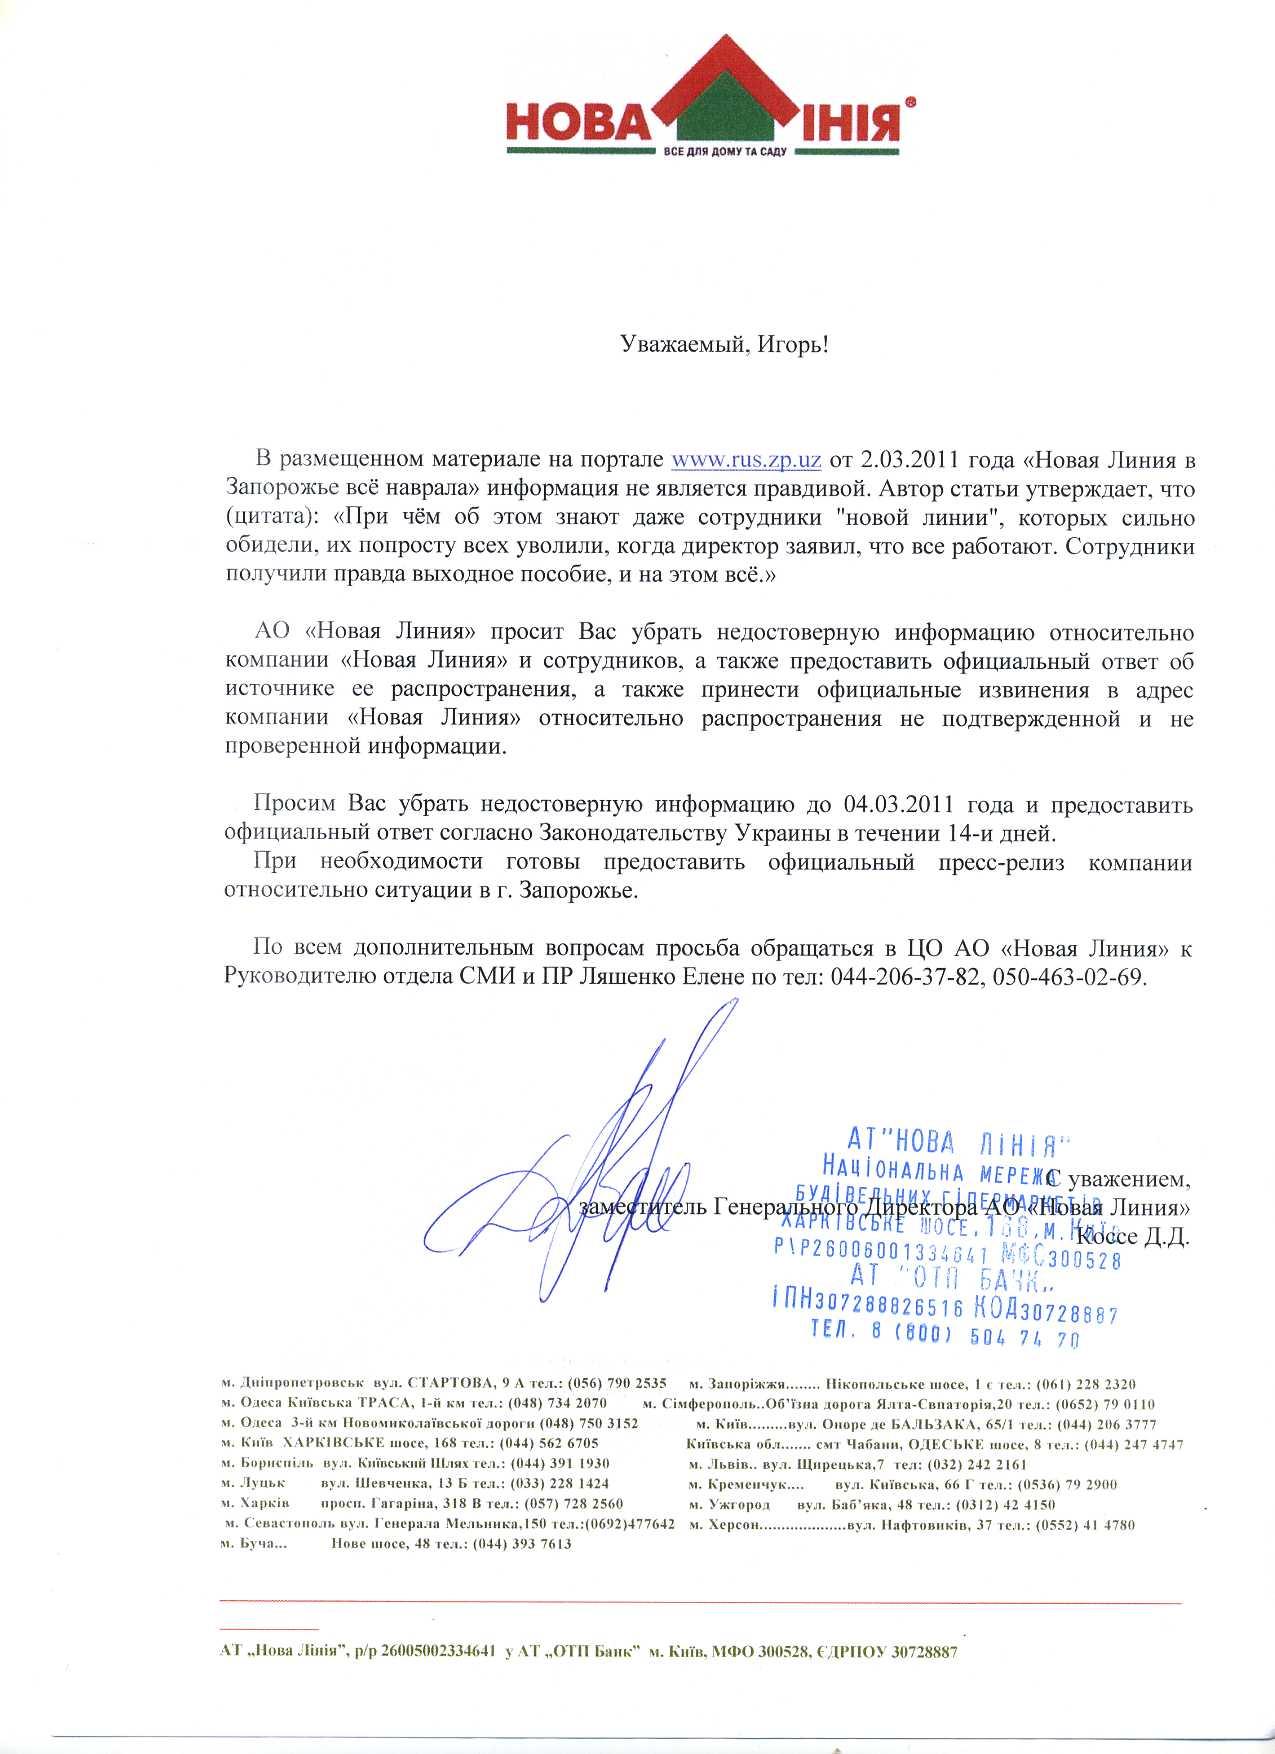 Письмо в редакцию: новая линия заявляет, что сотрудников не увольняла (фото)